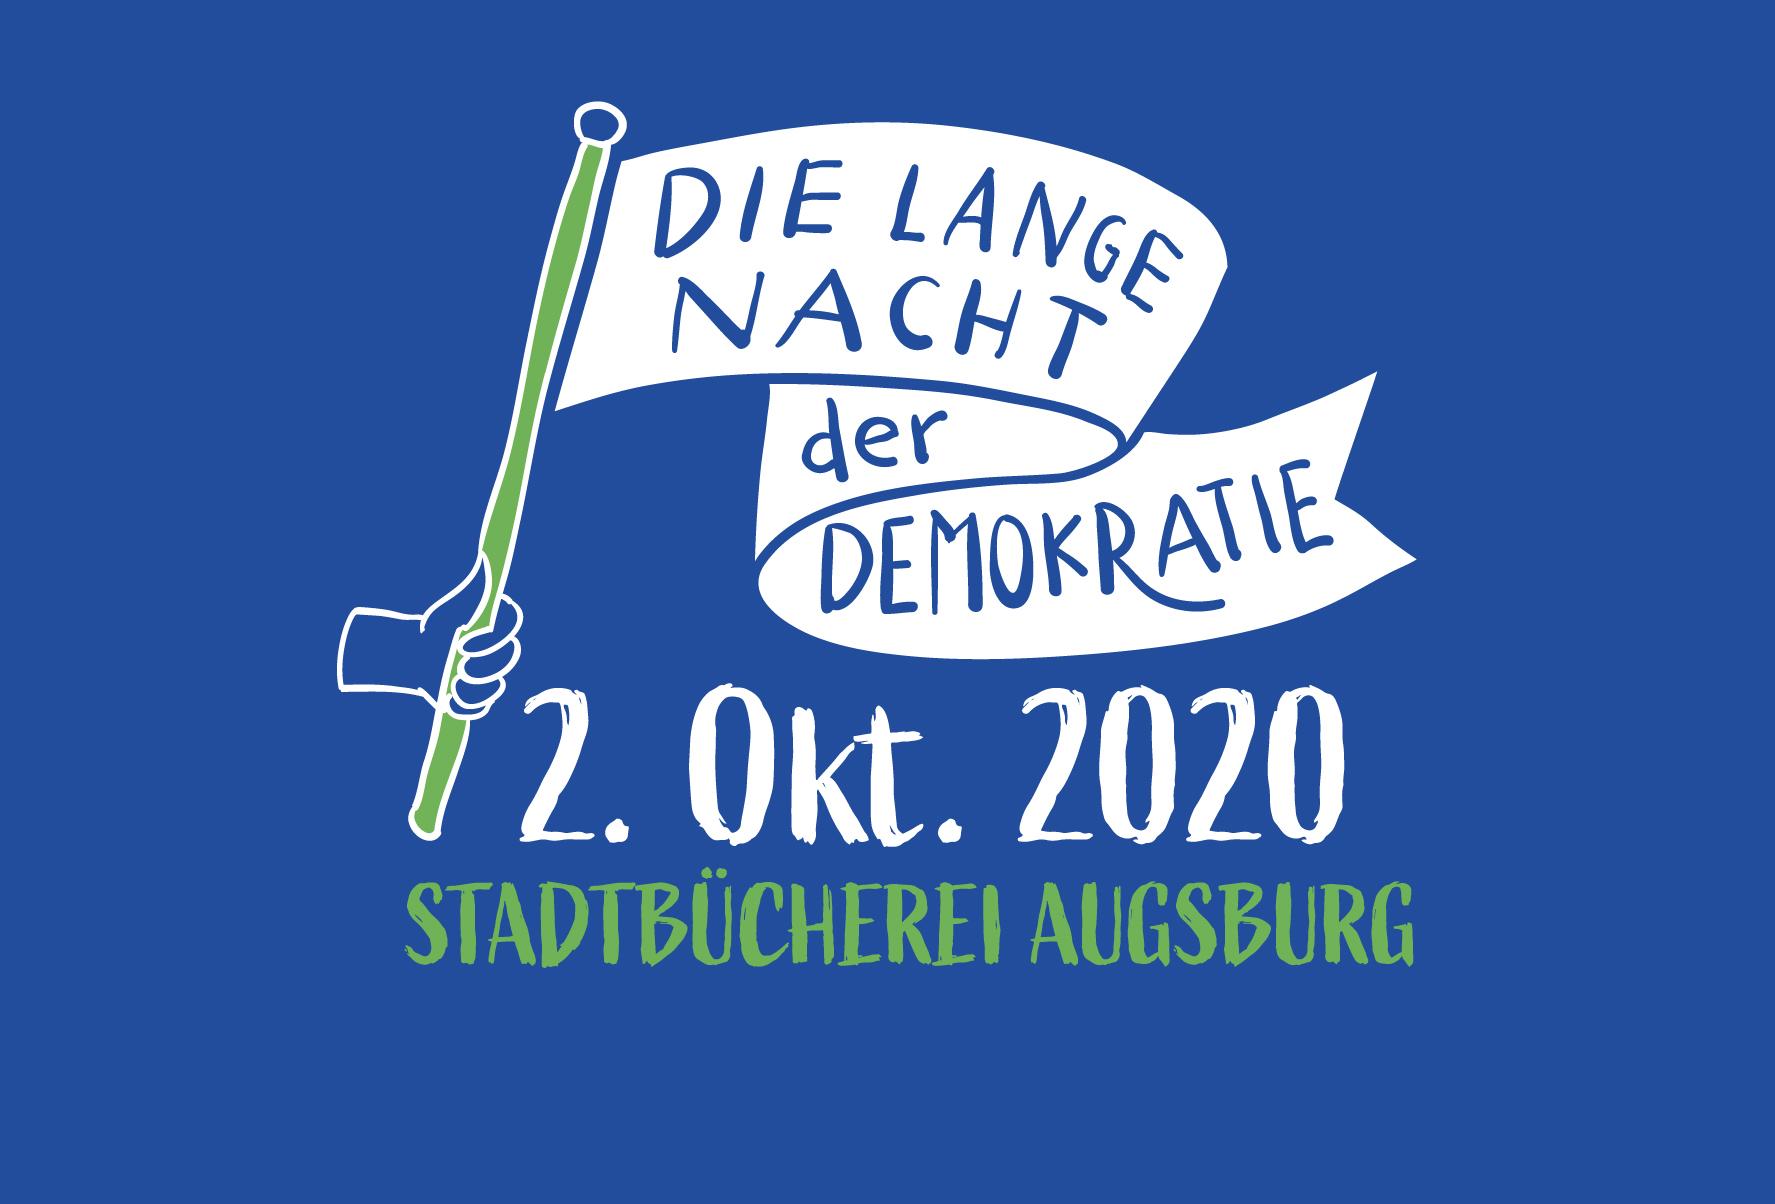 Lange Nacht der Demokratie 2020